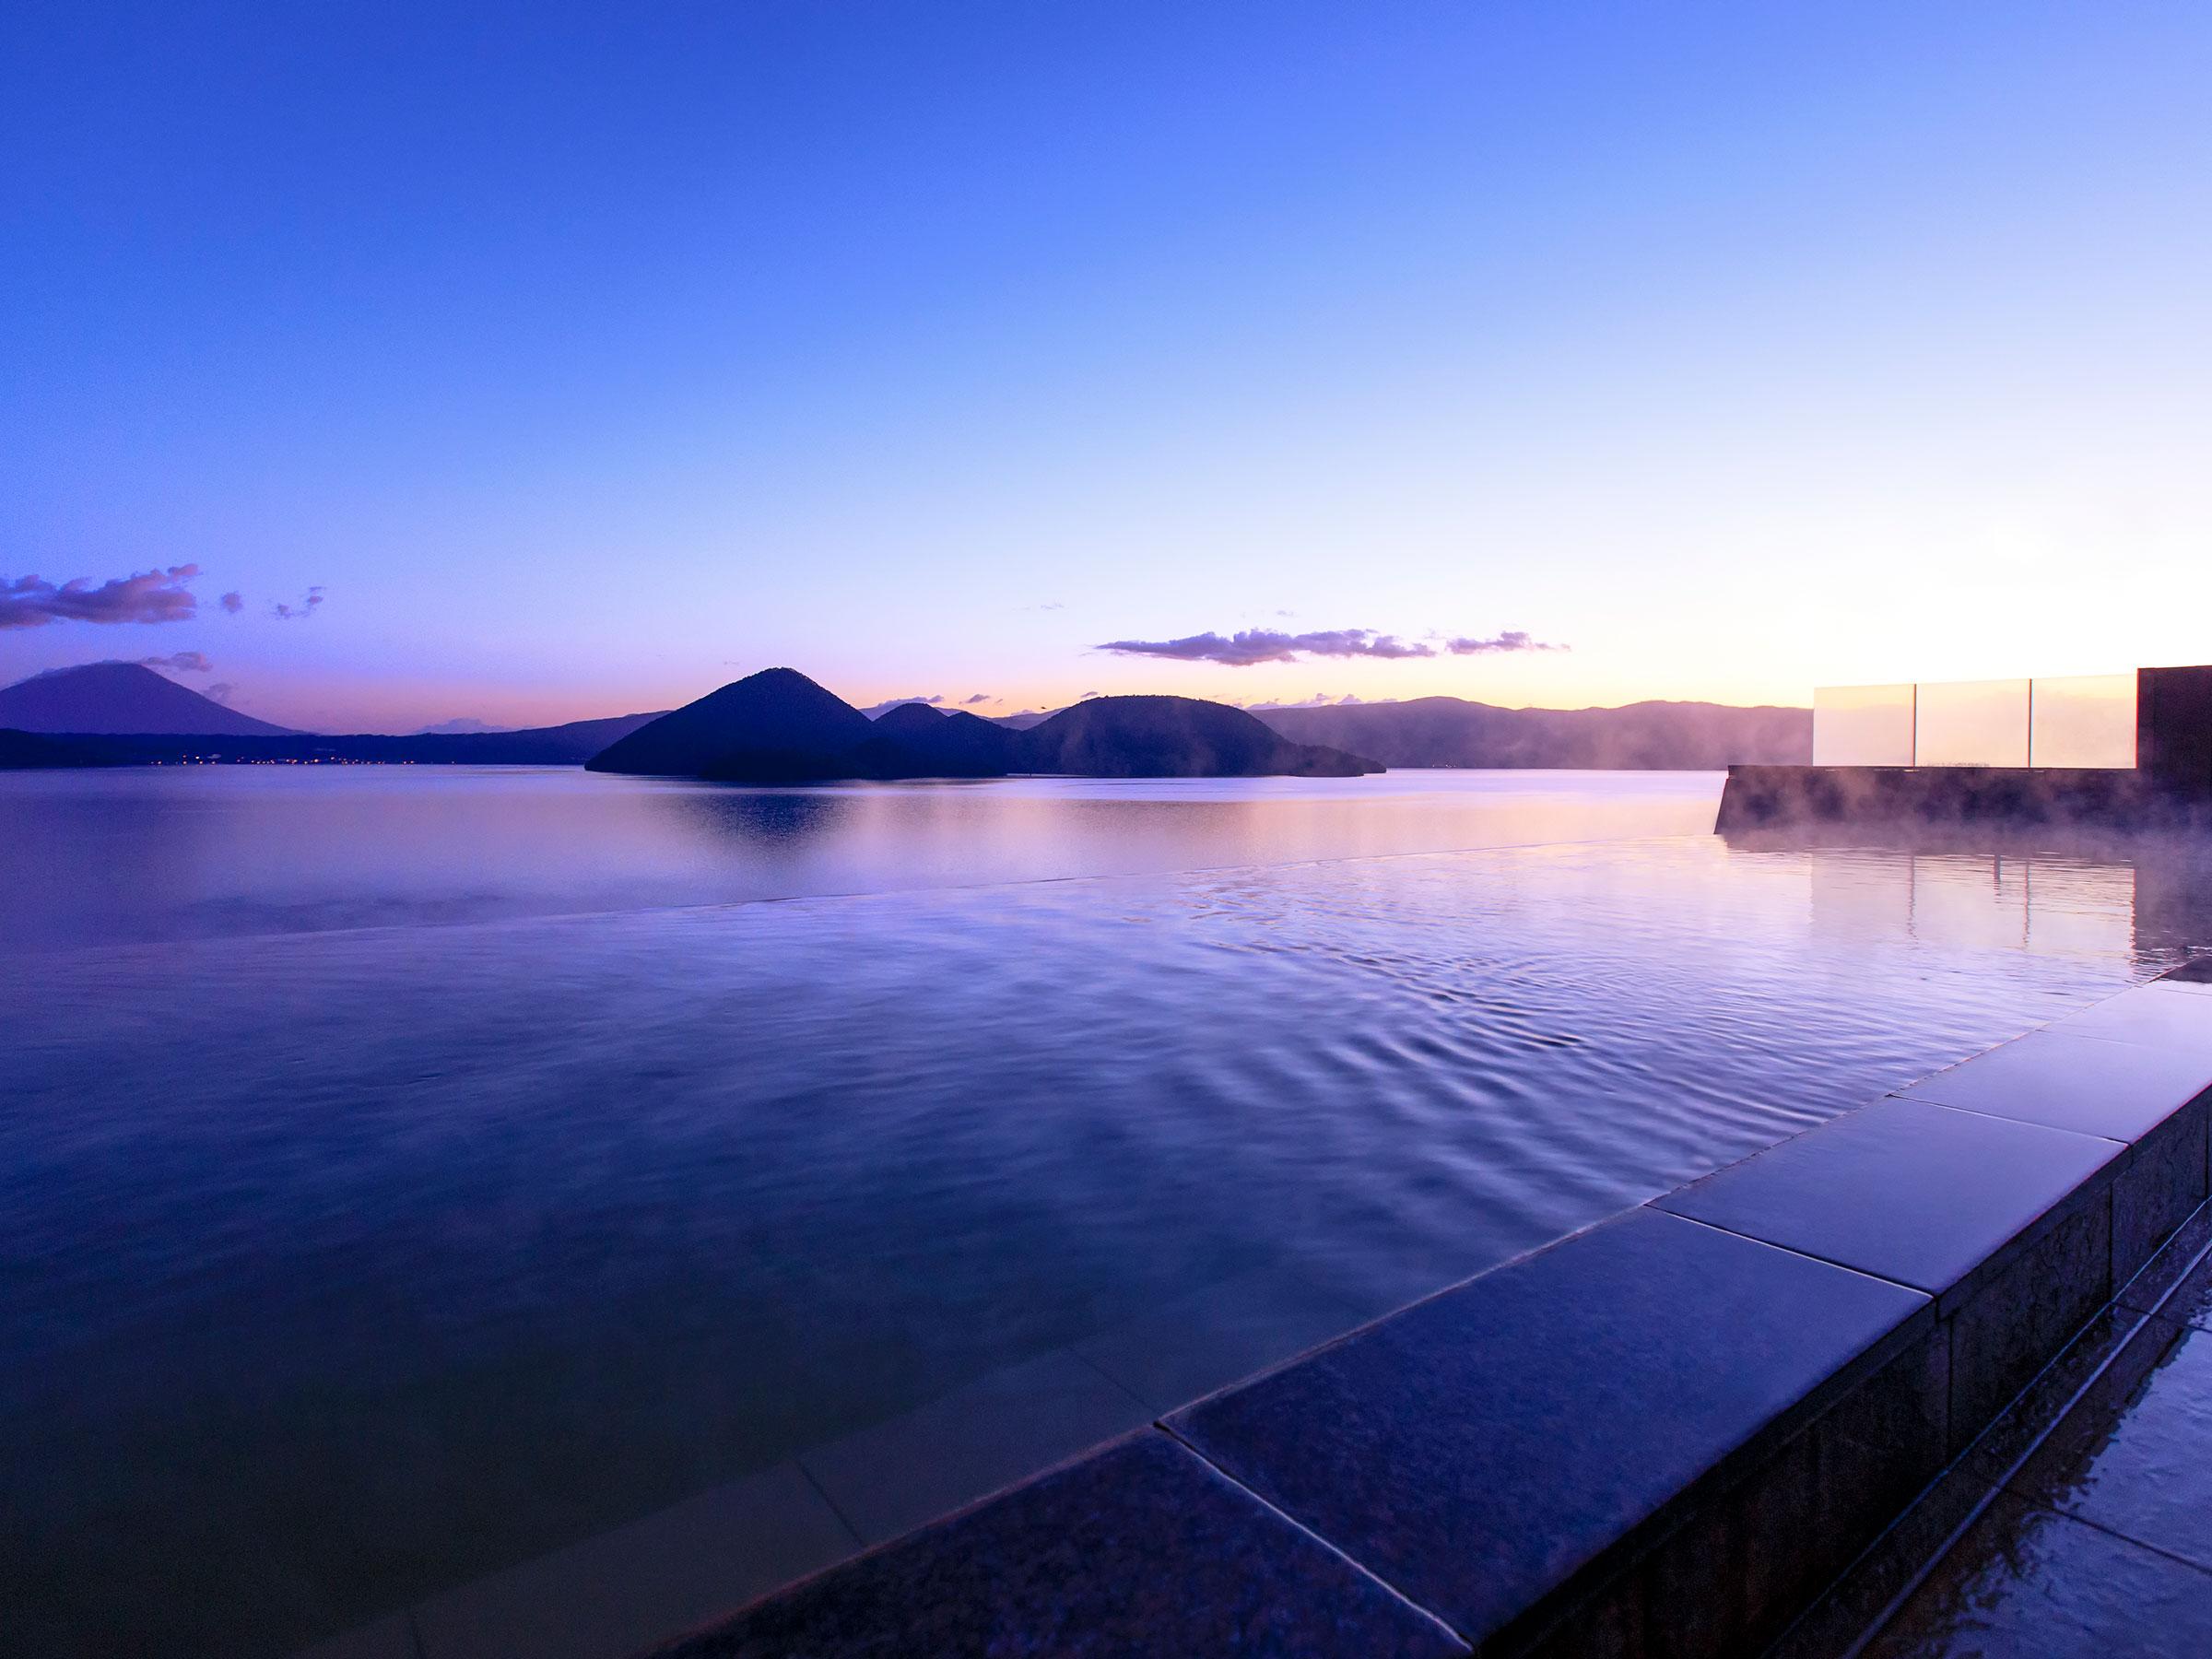 北海道の洞爺湖でインフィニティ温泉 乃の風リゾートで全身ゆるめてみる? – 最新ライフスタイルニュース一覧 – 楽天WOMAN